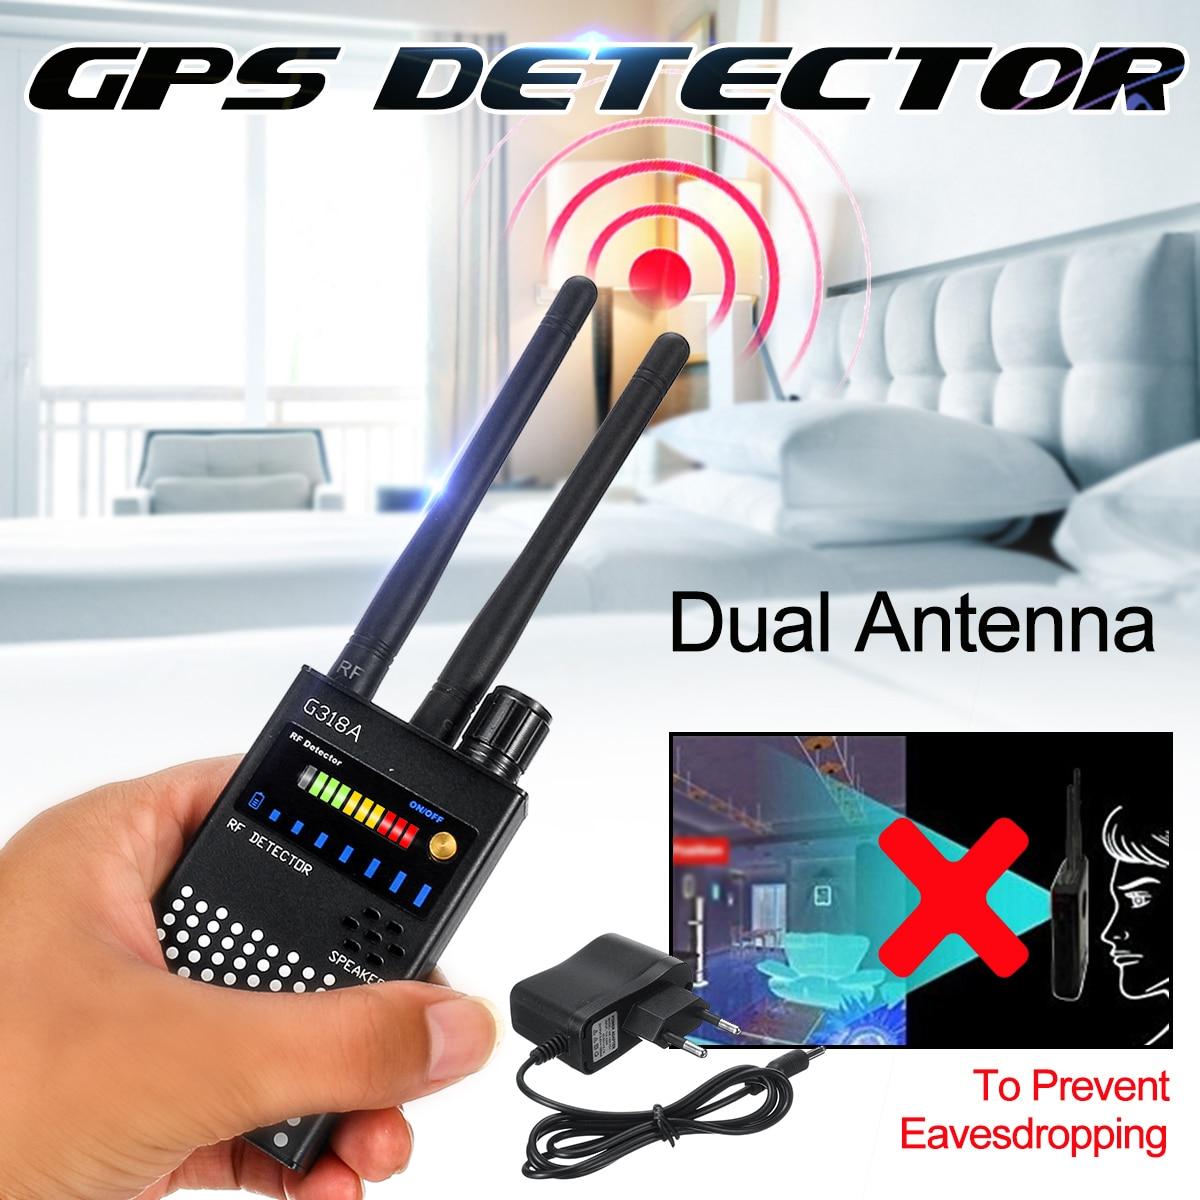 G318 анти-шпионский GPS беспроводной сигнал, автоматический детектор, искатель, сканер частоты, уборочная машина, защита безопасности